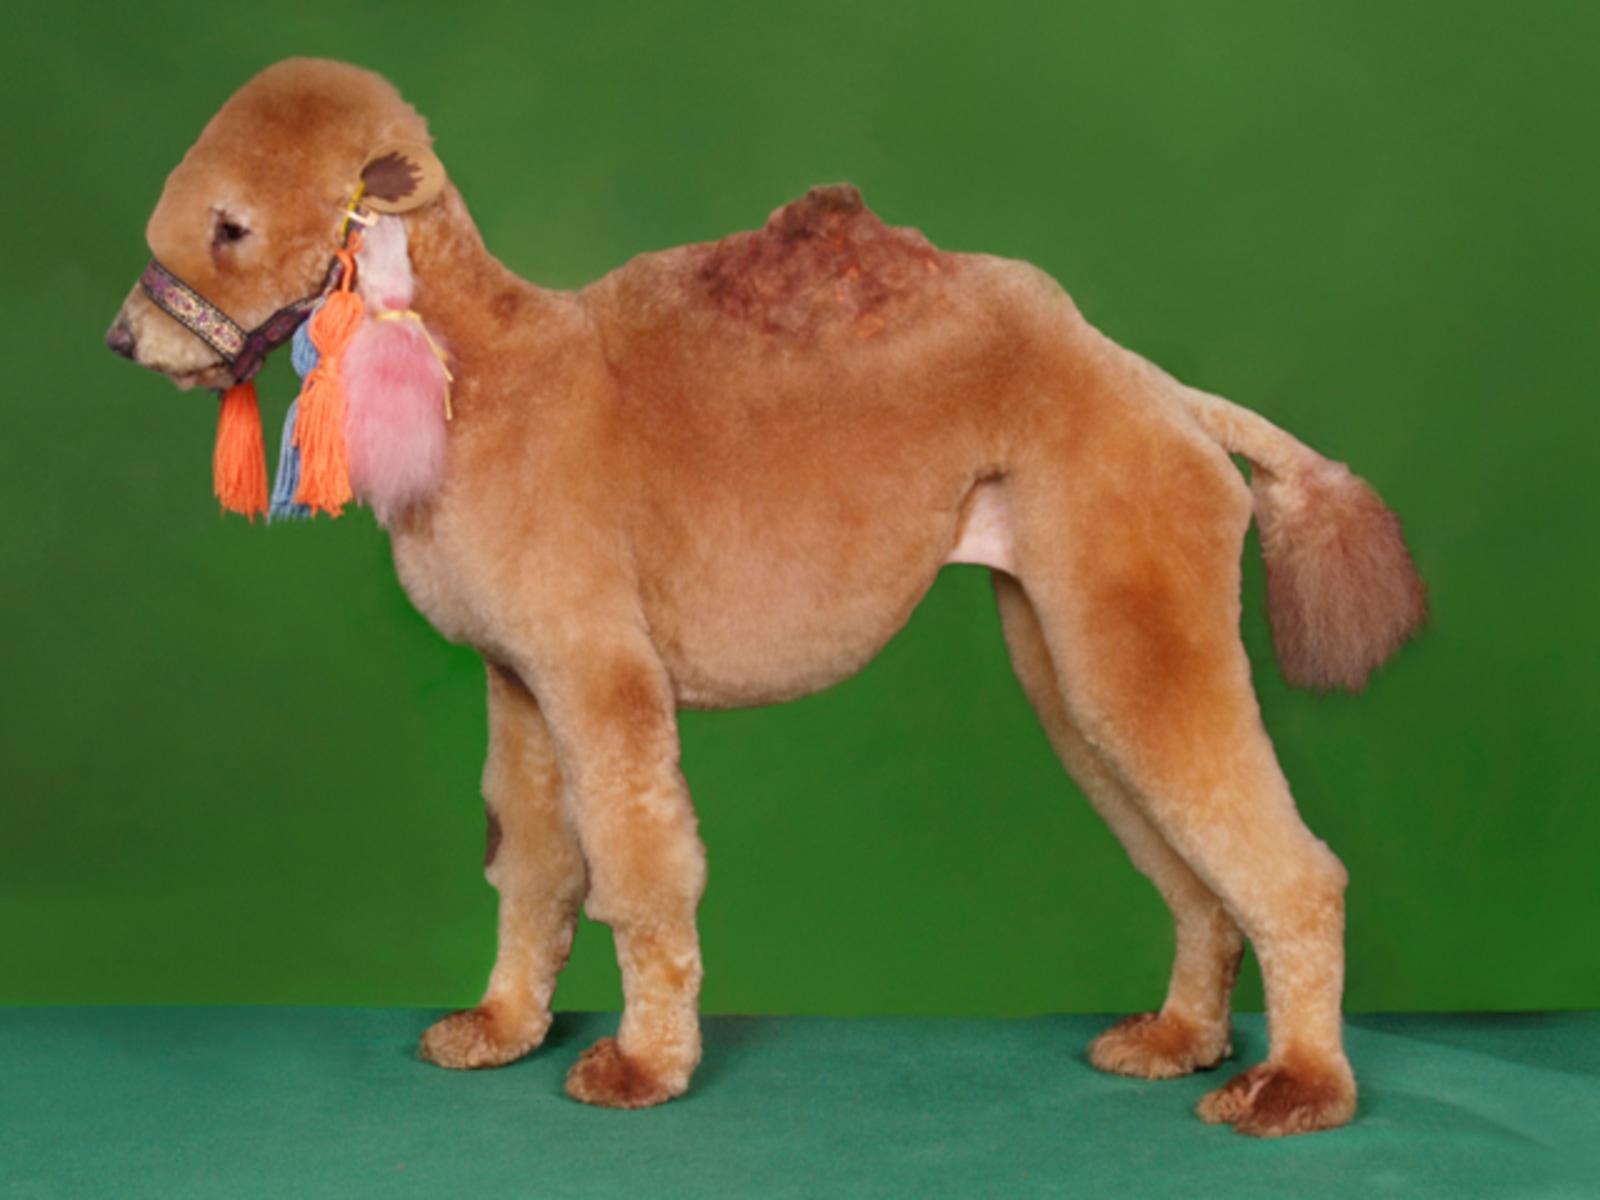 Image: Camel or poodle?